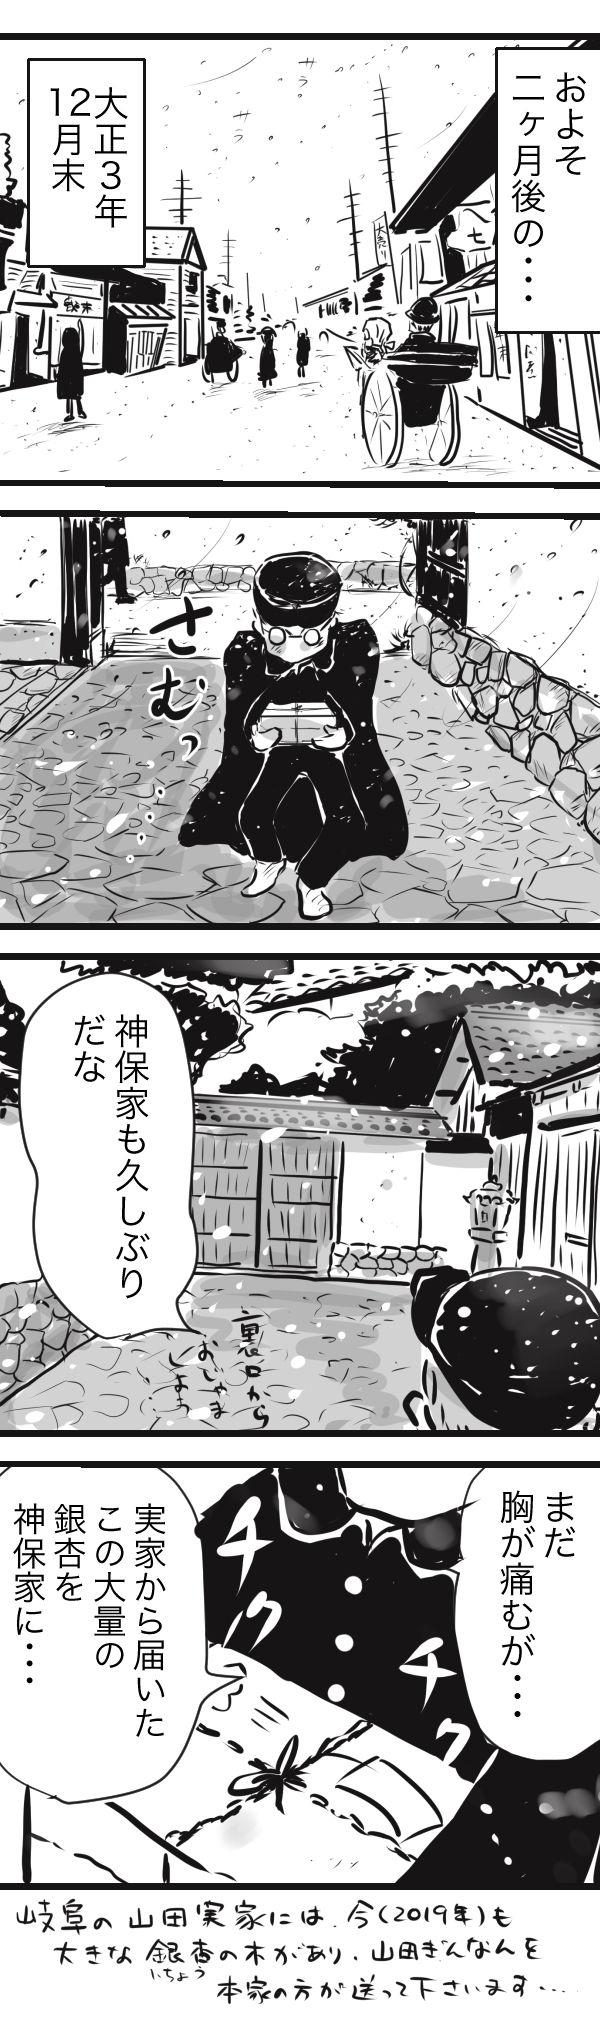 山田 金沢10−5−3